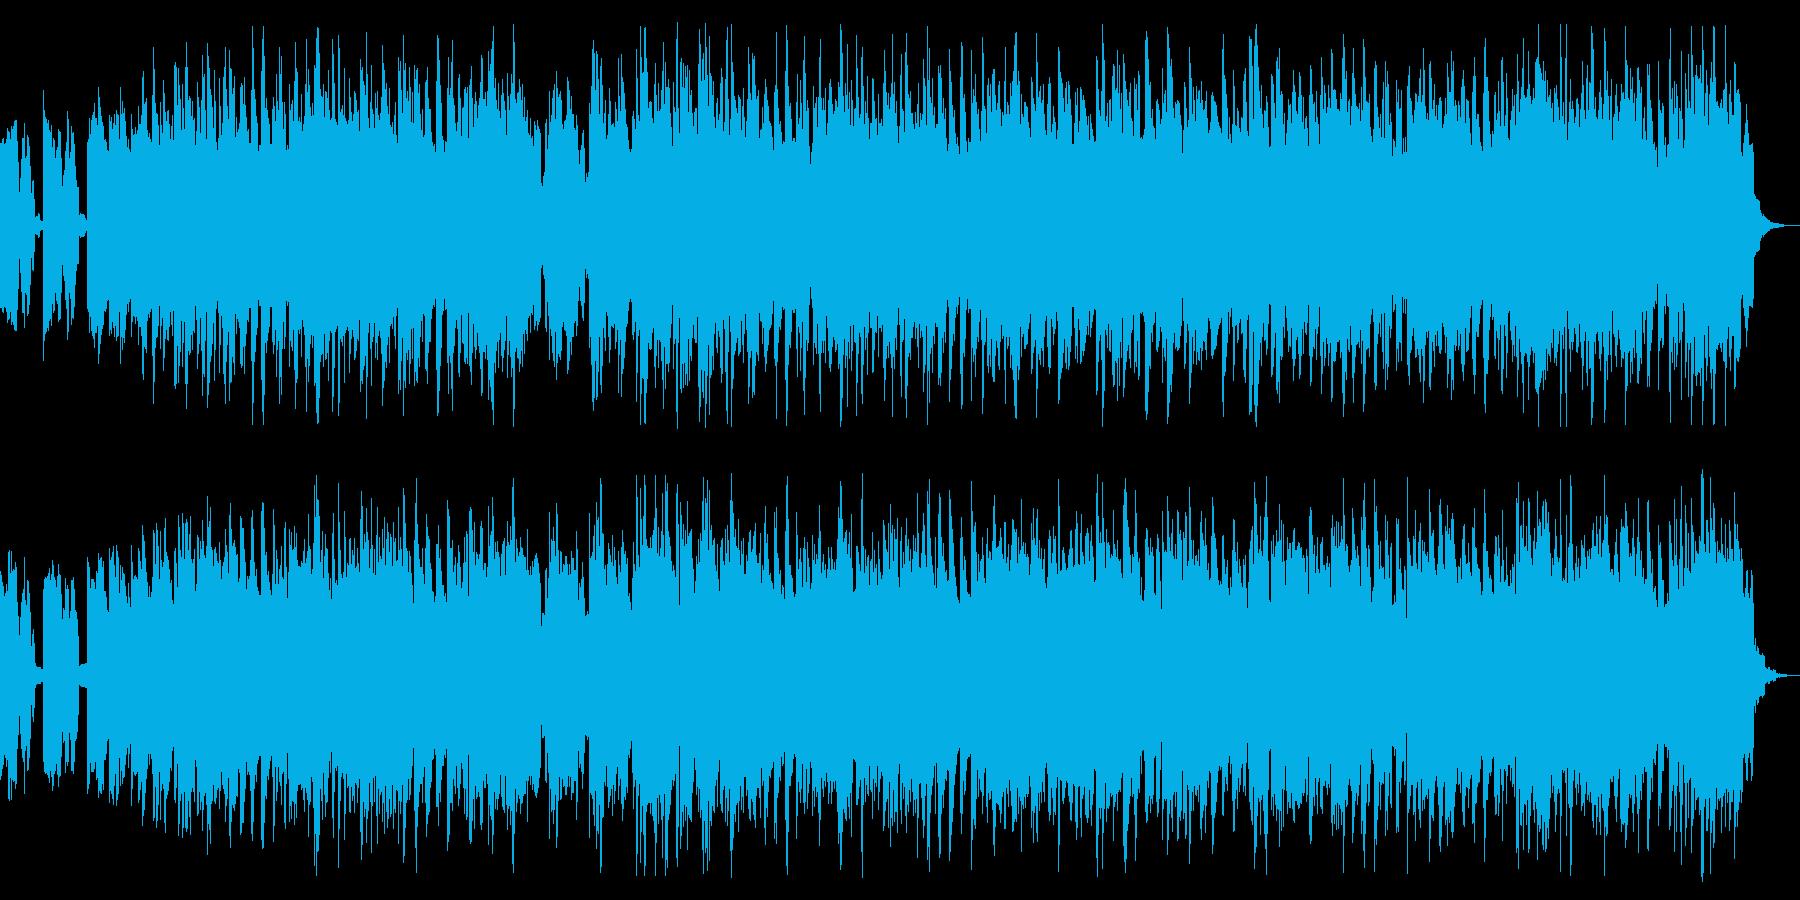 結婚行進曲 メンデルスゾーン シンセ版の再生済みの波形